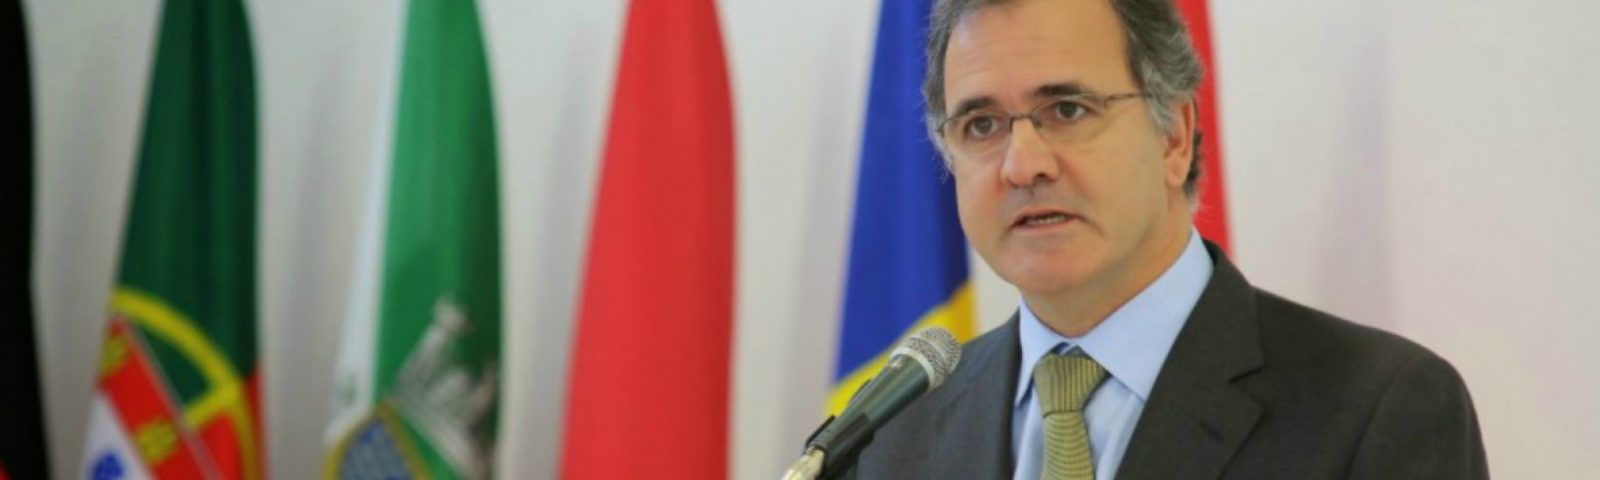 Pires de Lima entra na administração da Parfois